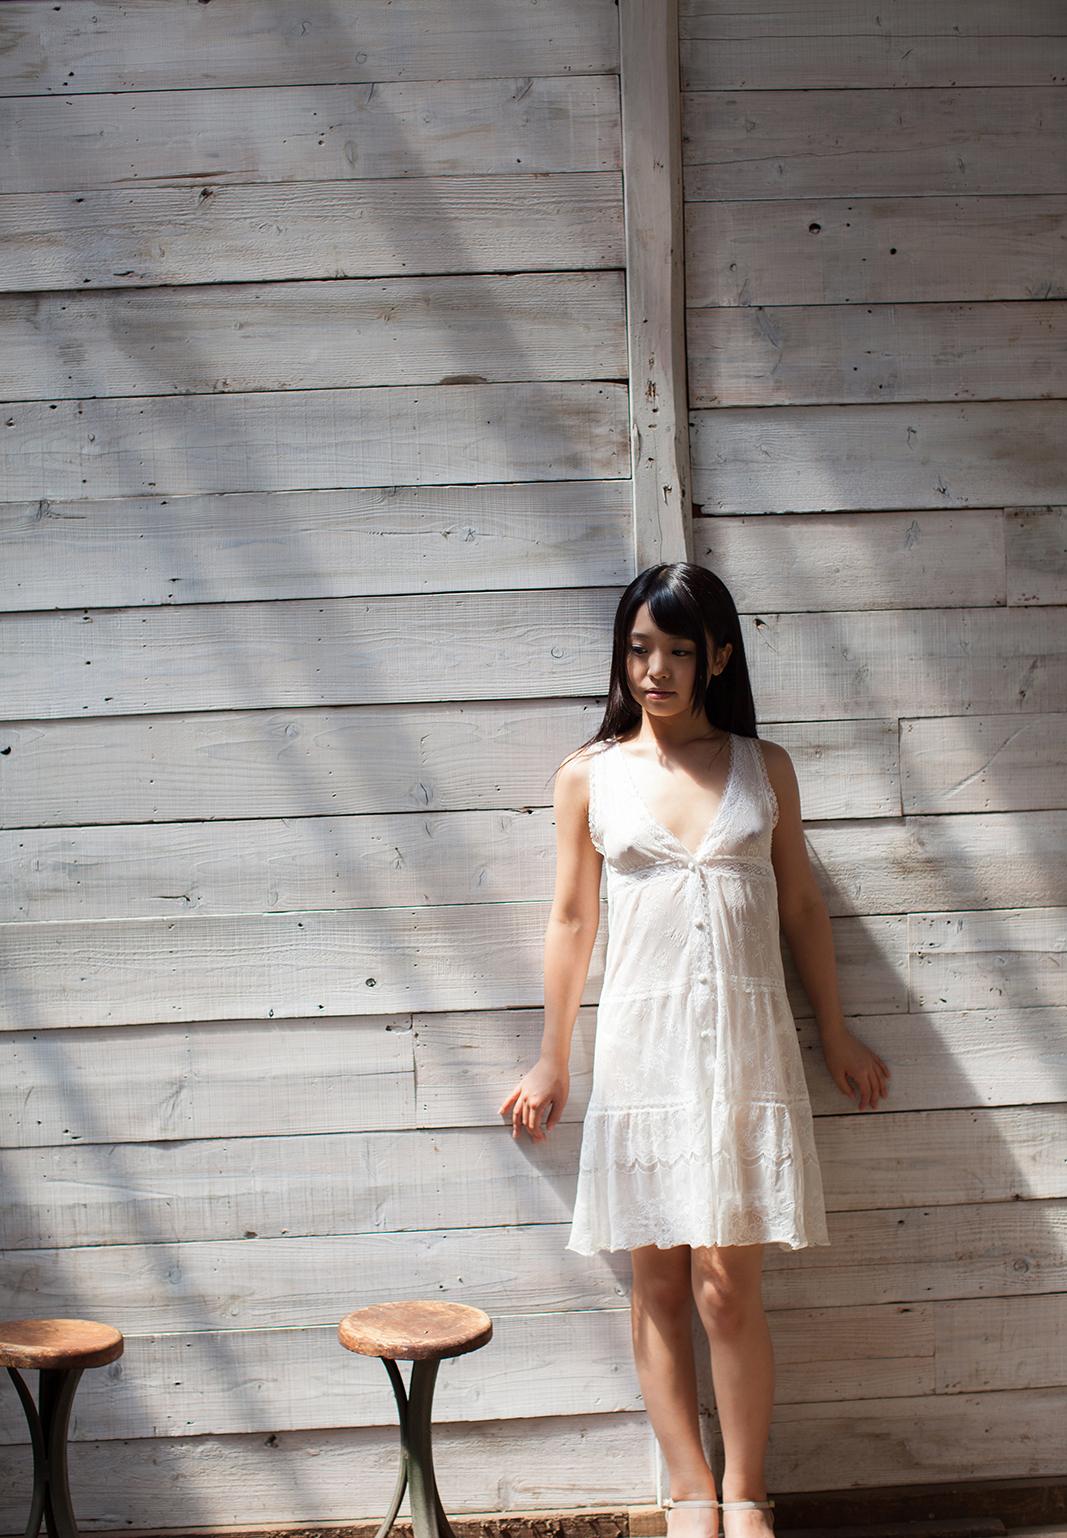 橋本麻耶 画像 6